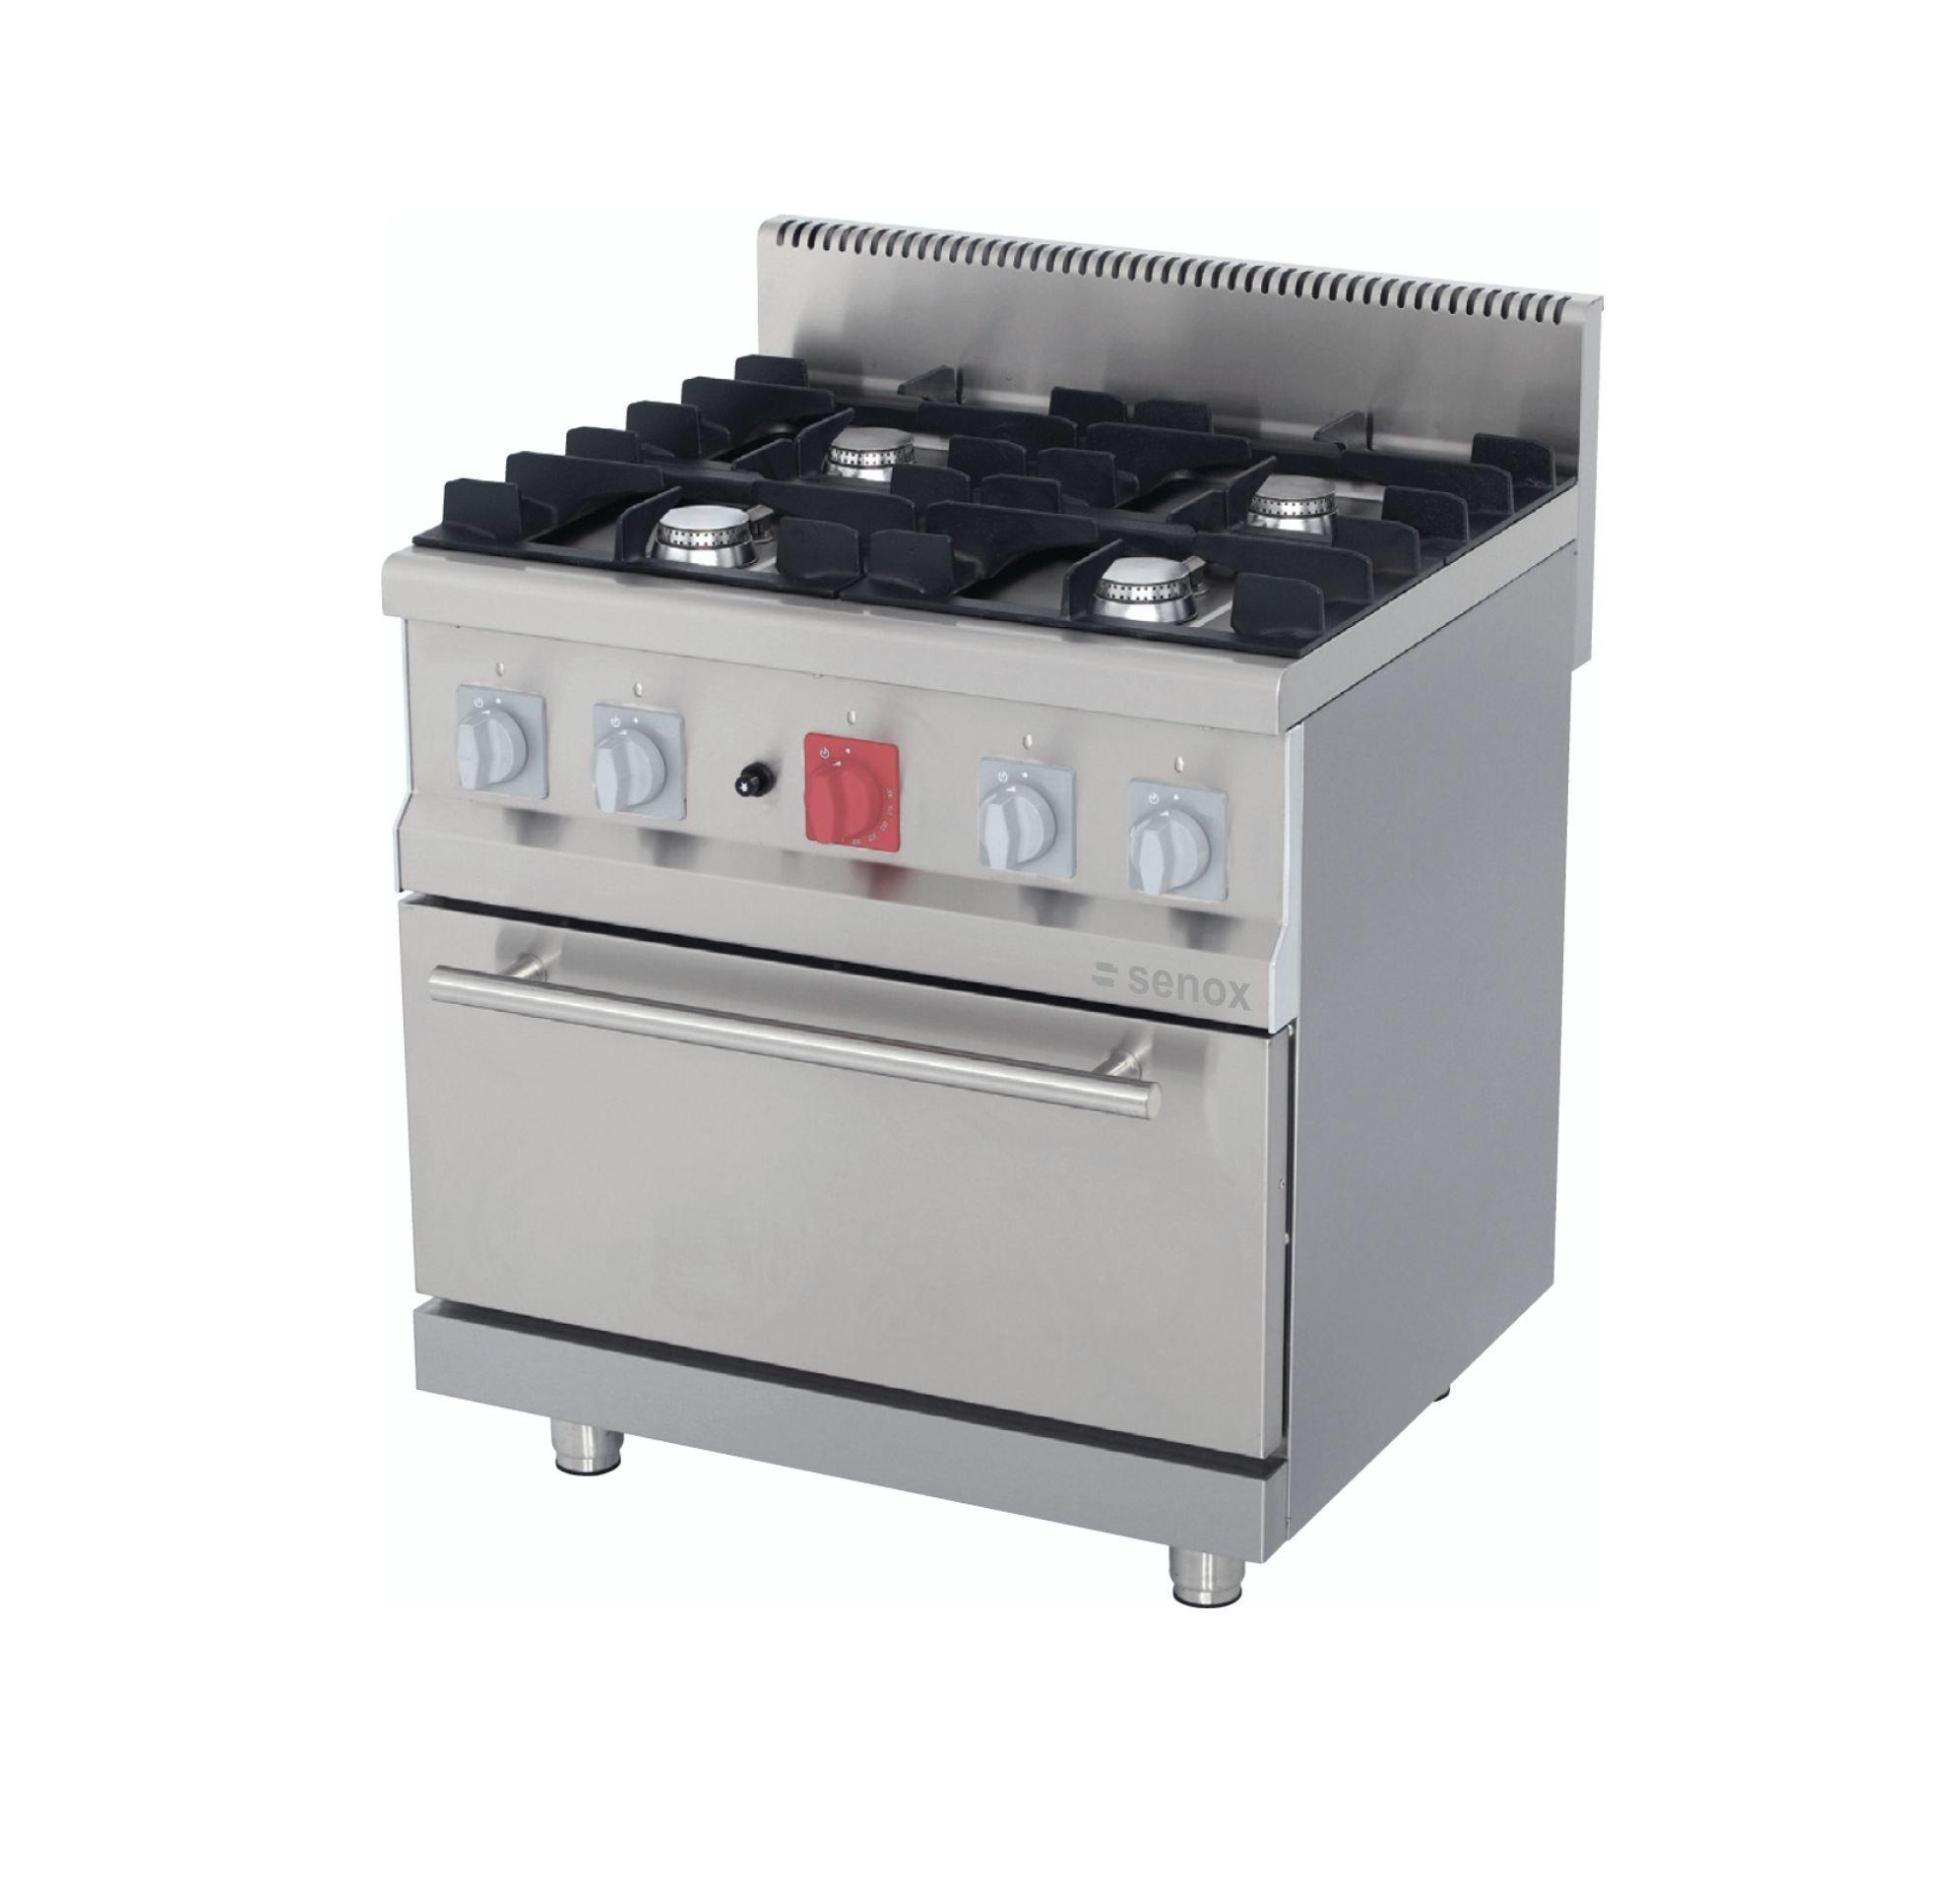 senox-agk-870-kuzine